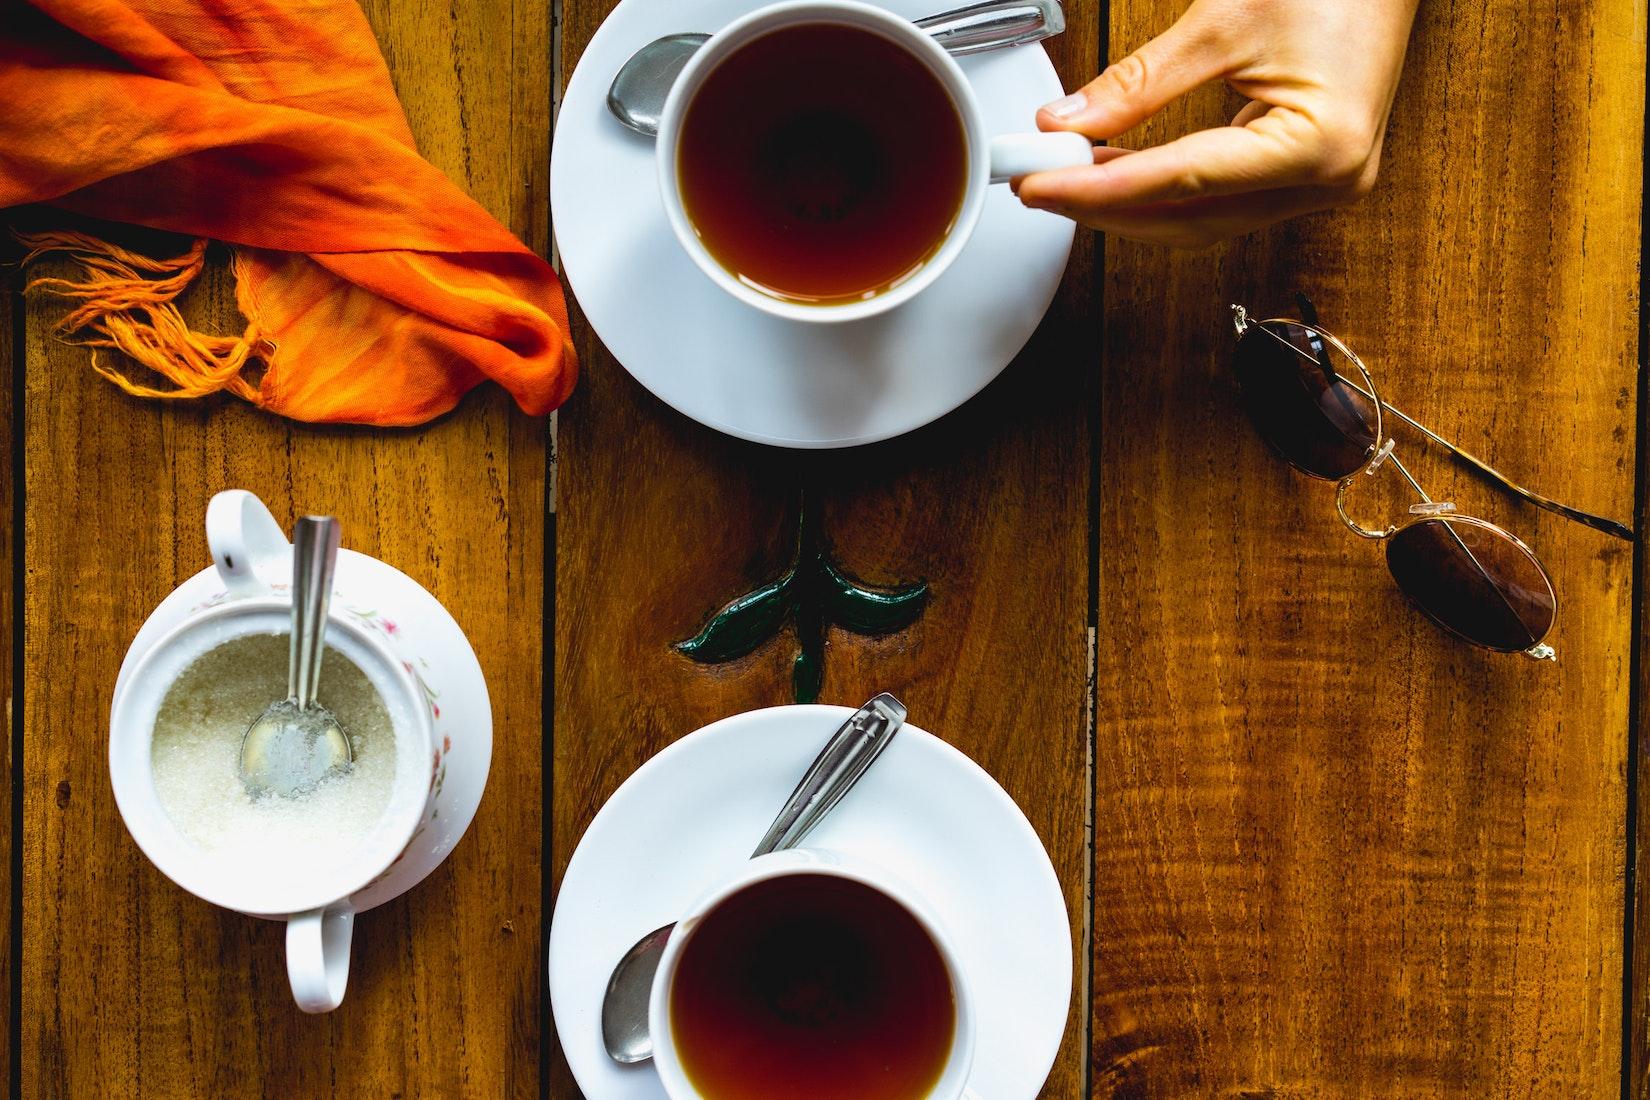 Tea tasting at Macwoods